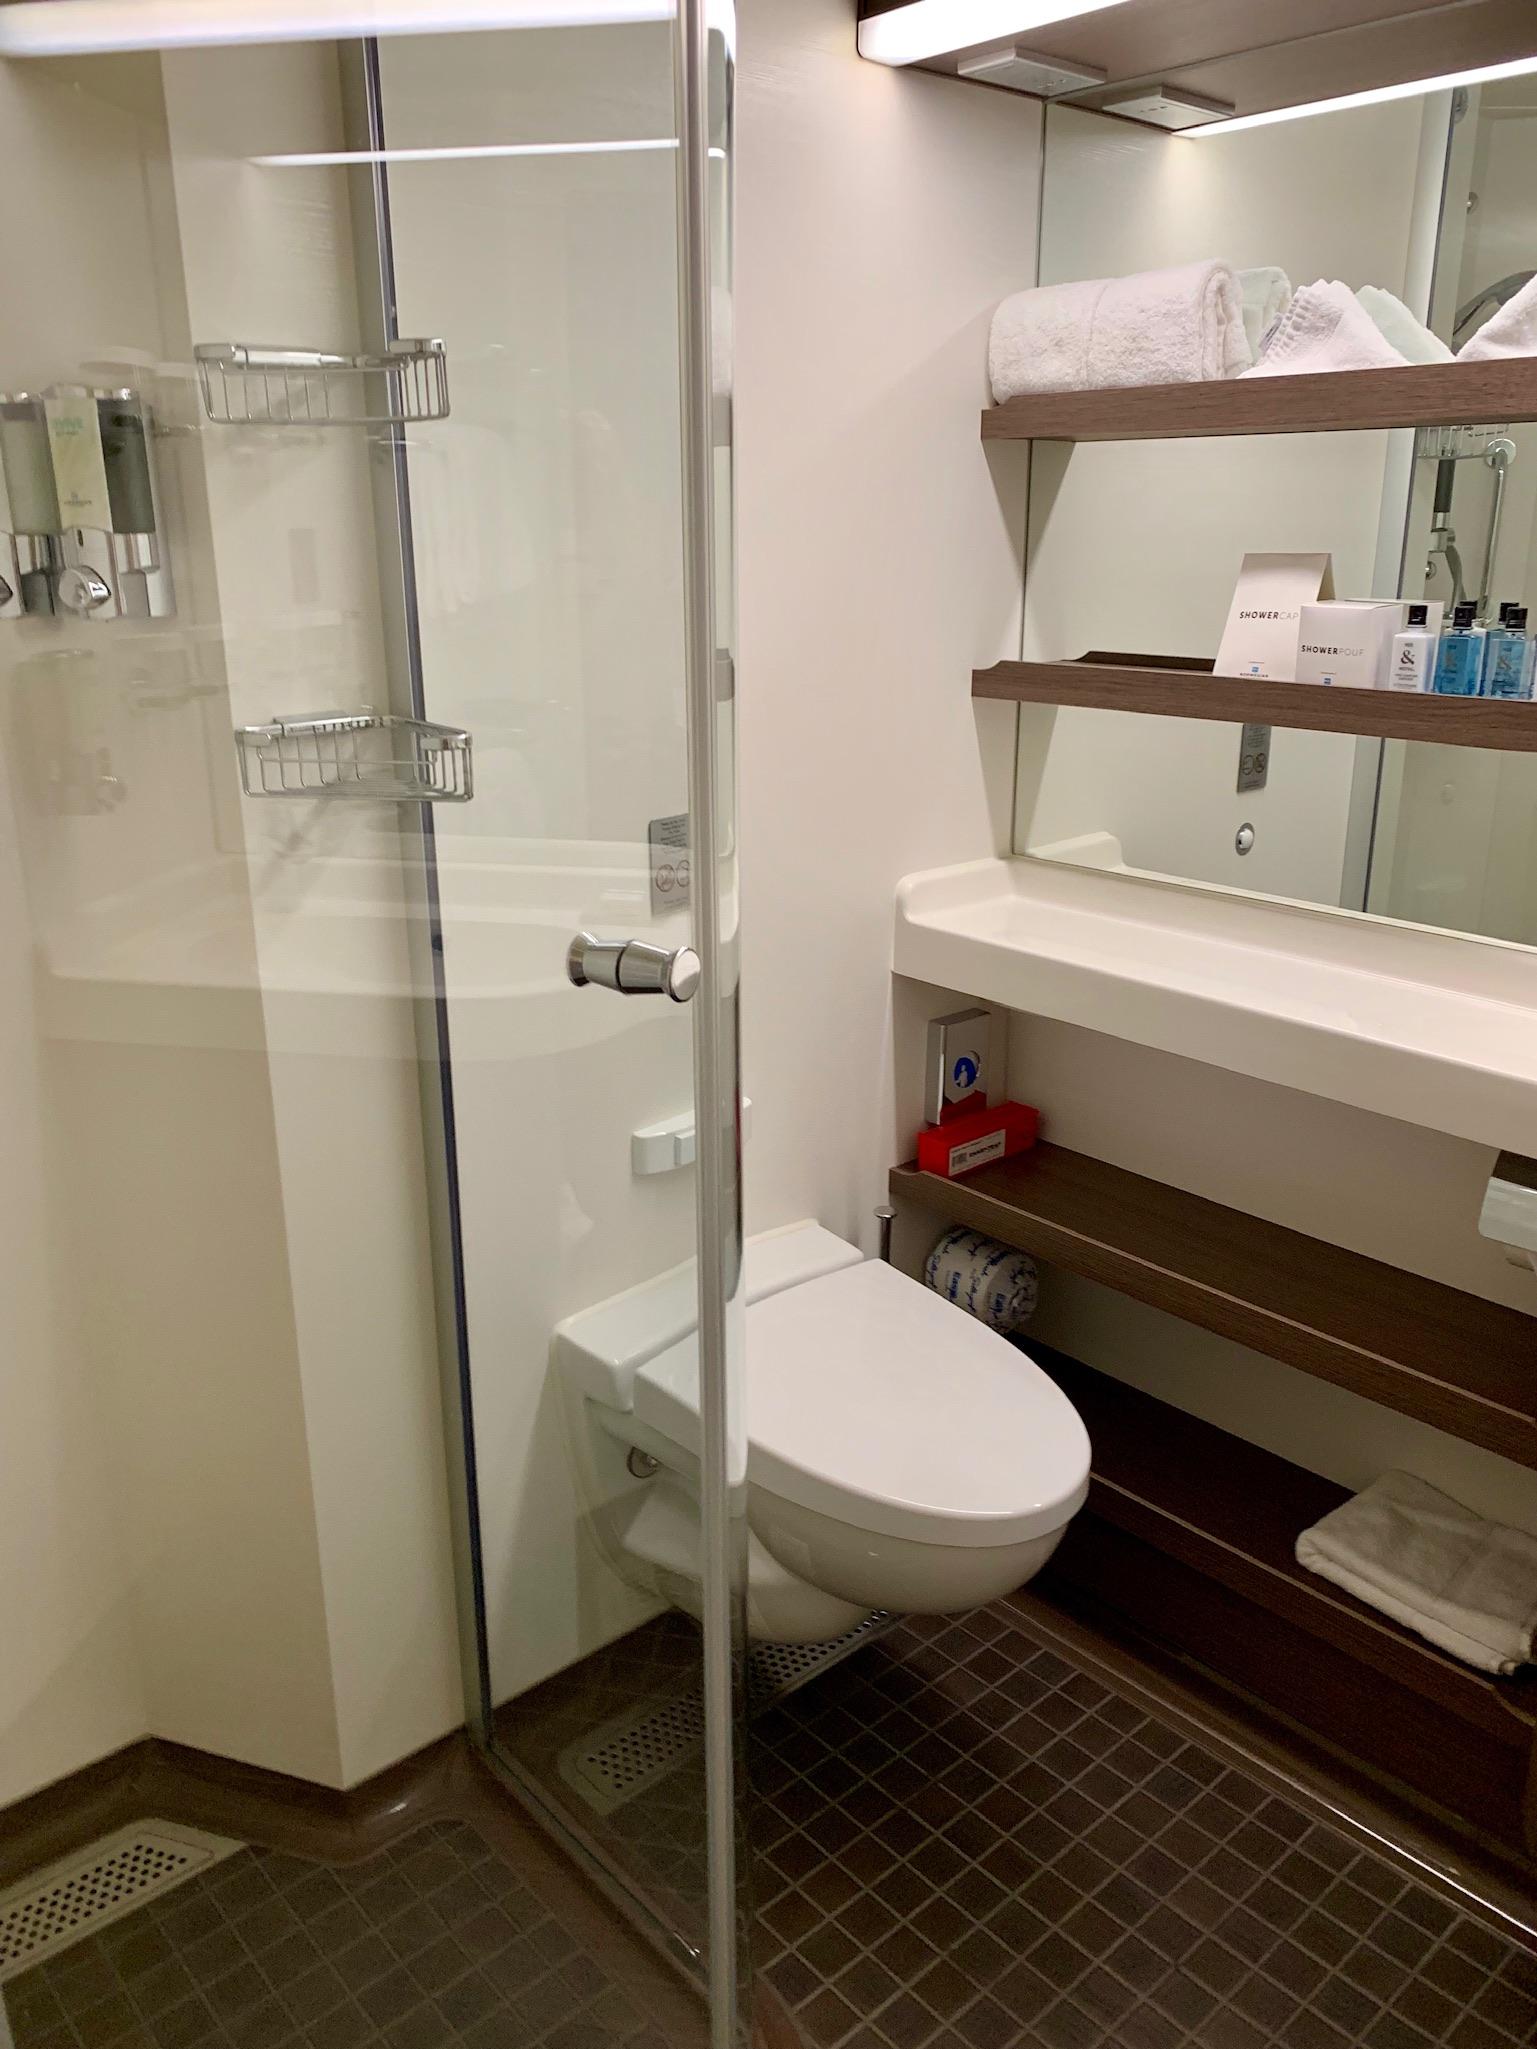 NCL Joy Room Concierge Family Inside Second Bedroom Bath Interior.jpg